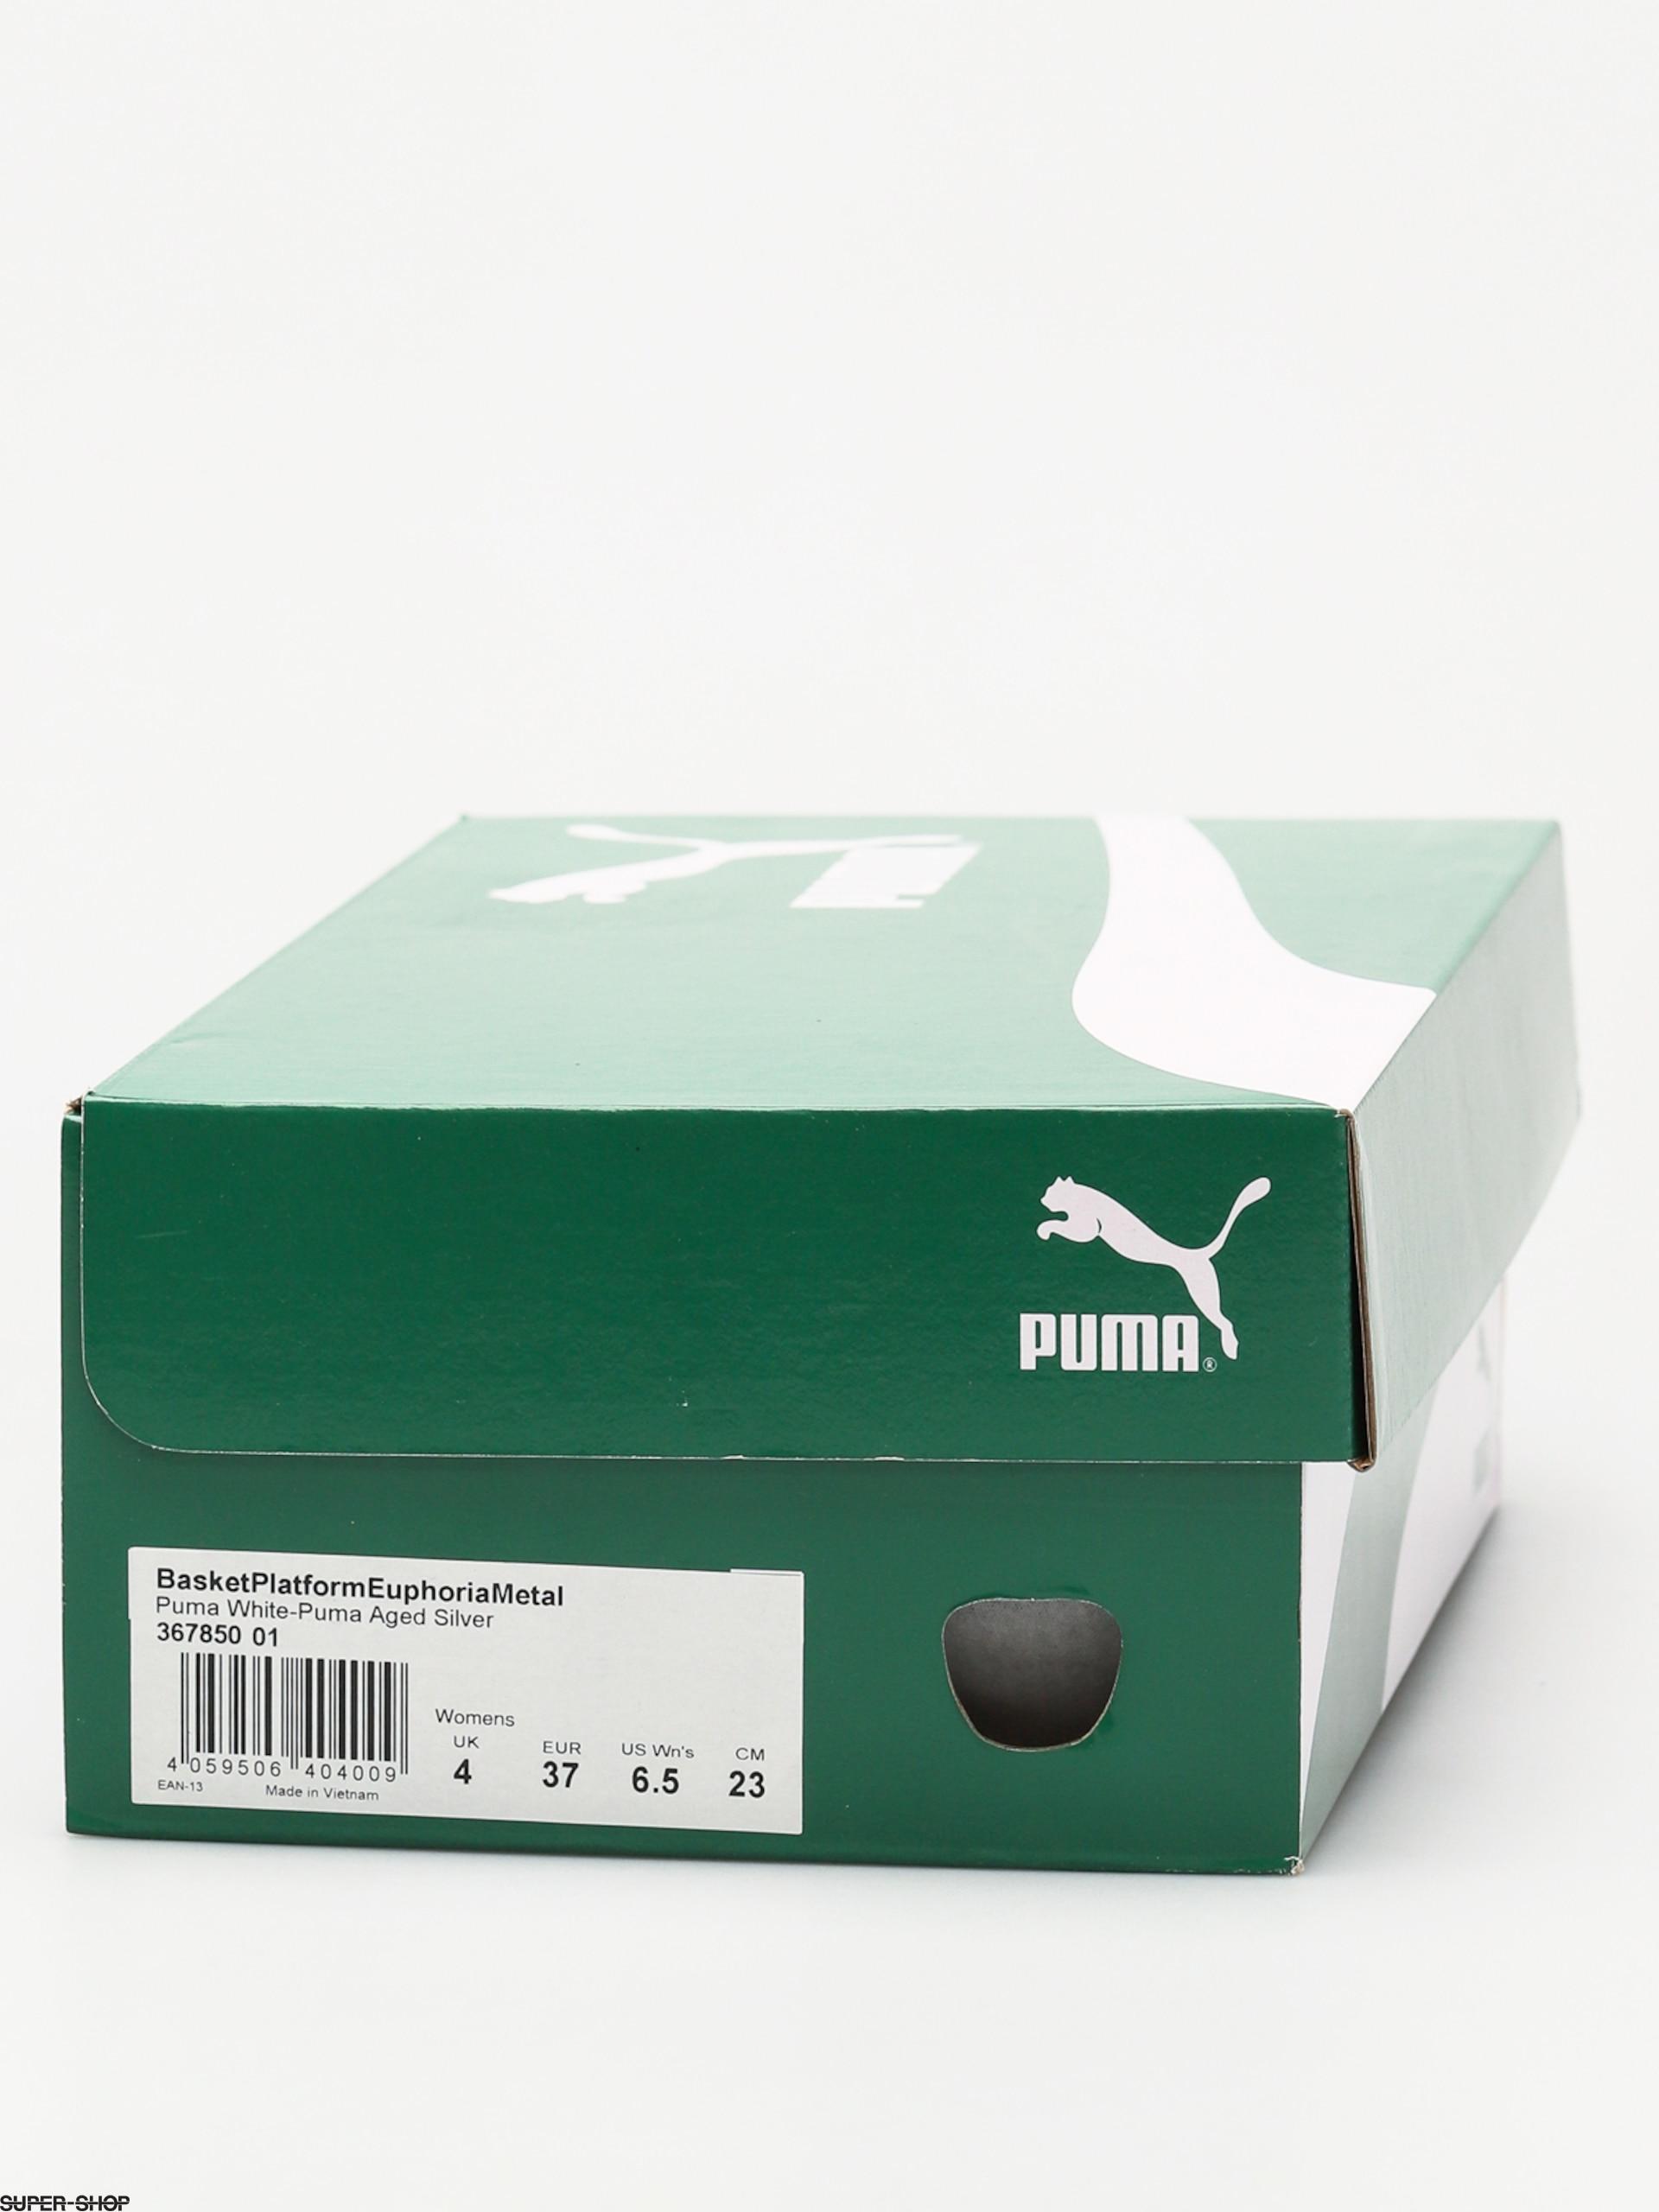 puma select basket platform euphoria metallic